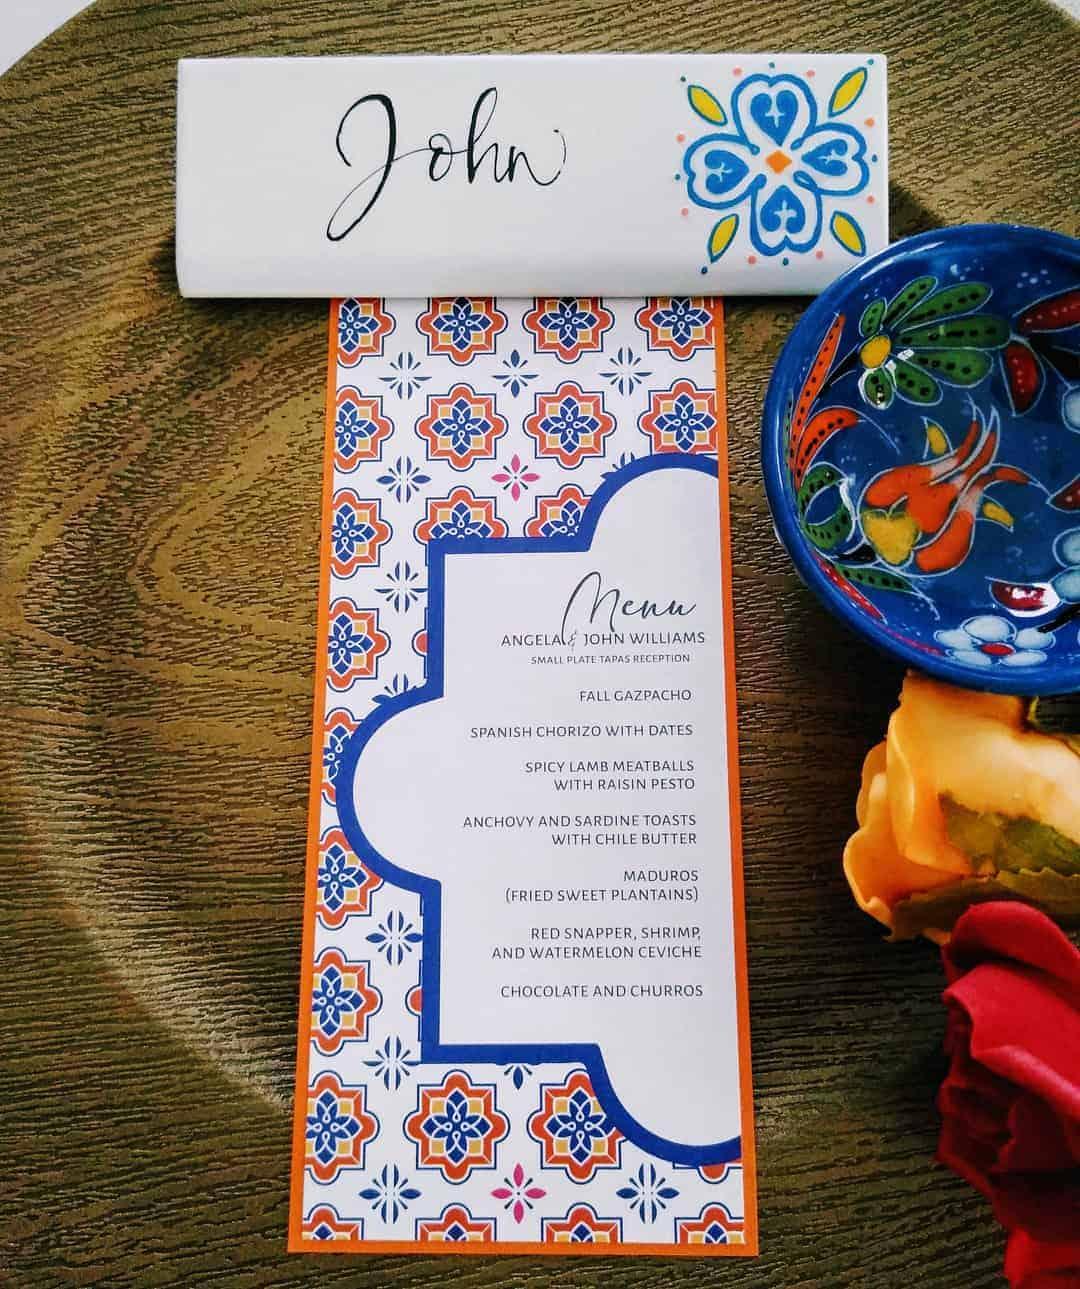 BEAUTIFUL WEDDING INSPIRATION FOR COUPLES WHO WANT TO CELEBRATE THEIR SPANISH CULTURE 26 - Ý TƯỞNG ĐÁM CƯỚI CHỦ ĐỀ TÂY BAN NHA |  Bespoke-Bride: Wedding Blog